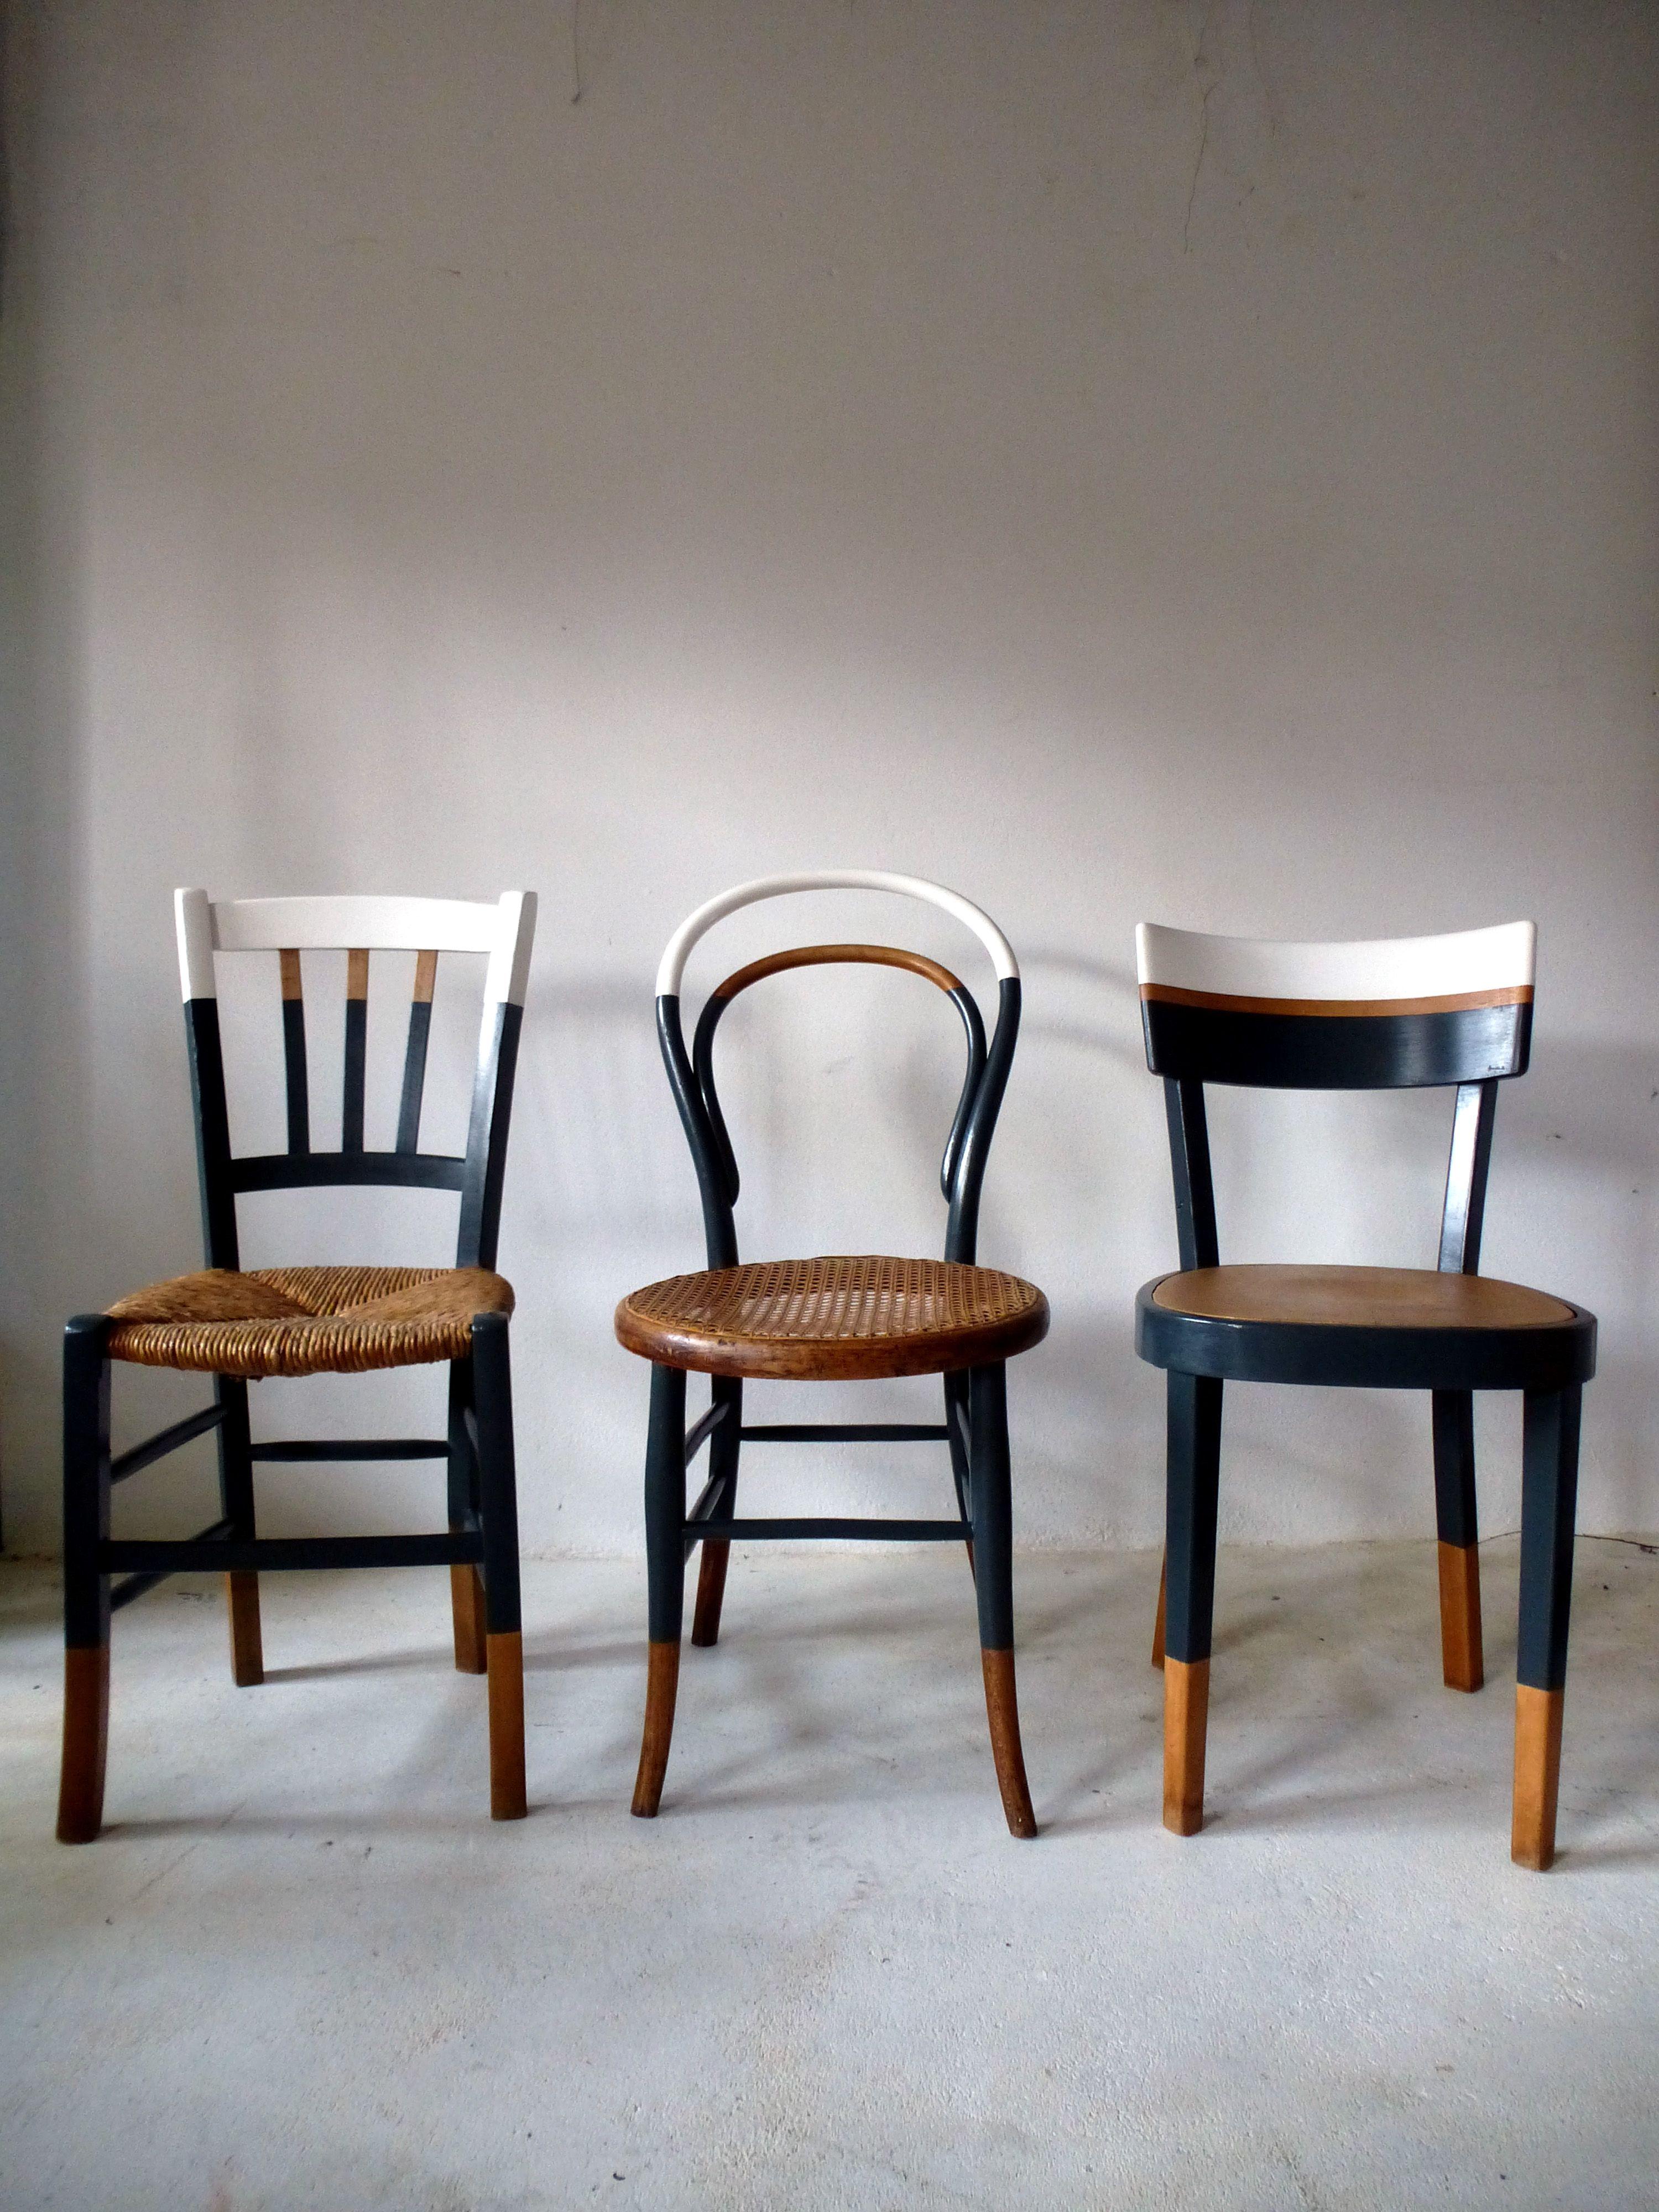 Ensemble De 6 Chaises Anciennes Depareillees Vintage Cuisine Bistrot Relookees Dans Le Meme Style 3 Chaises Blanc Gr Relooking De Mobilier Mobilier De Salon